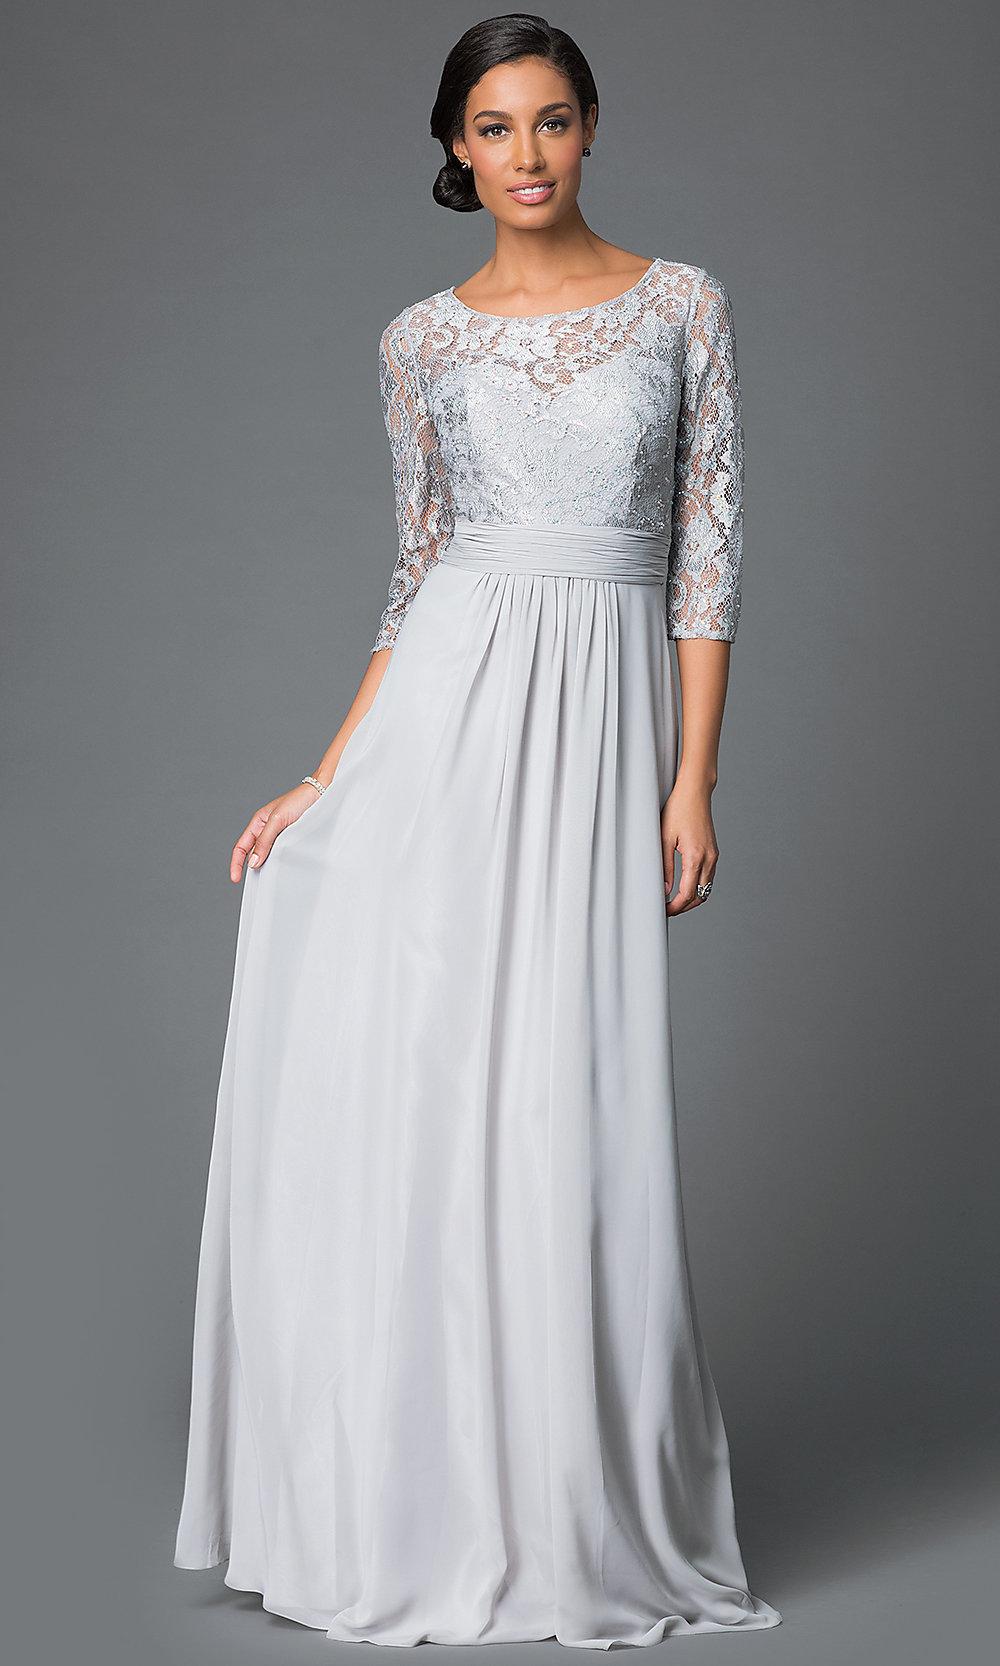 quarter sleeve lace wedding dresses photo - 1